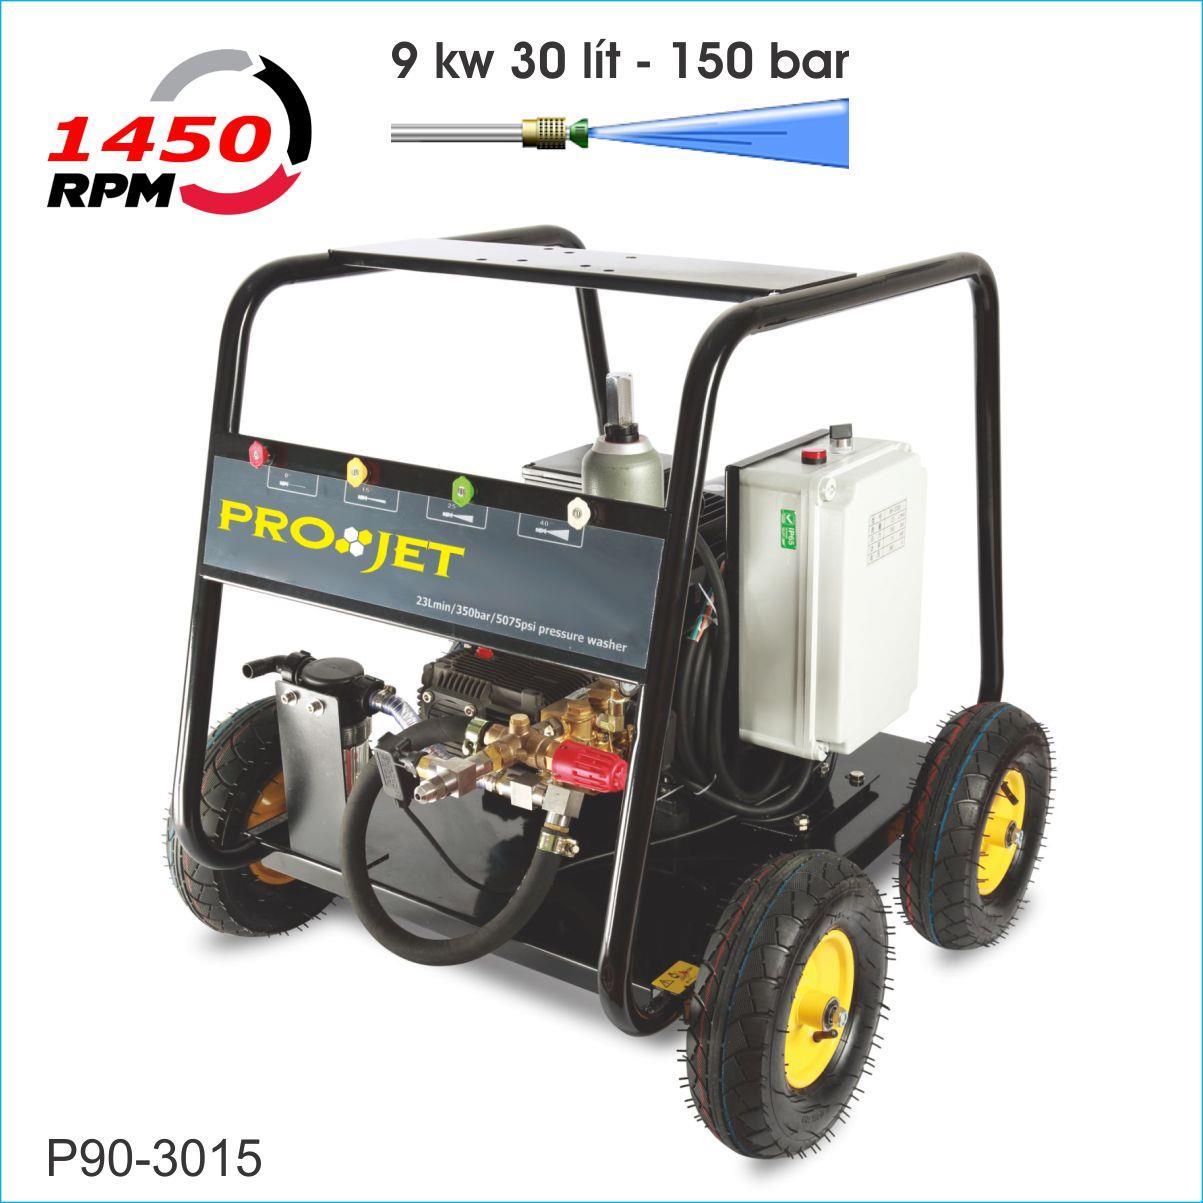 Máy rửa xe cao áp 9kw P90-3015